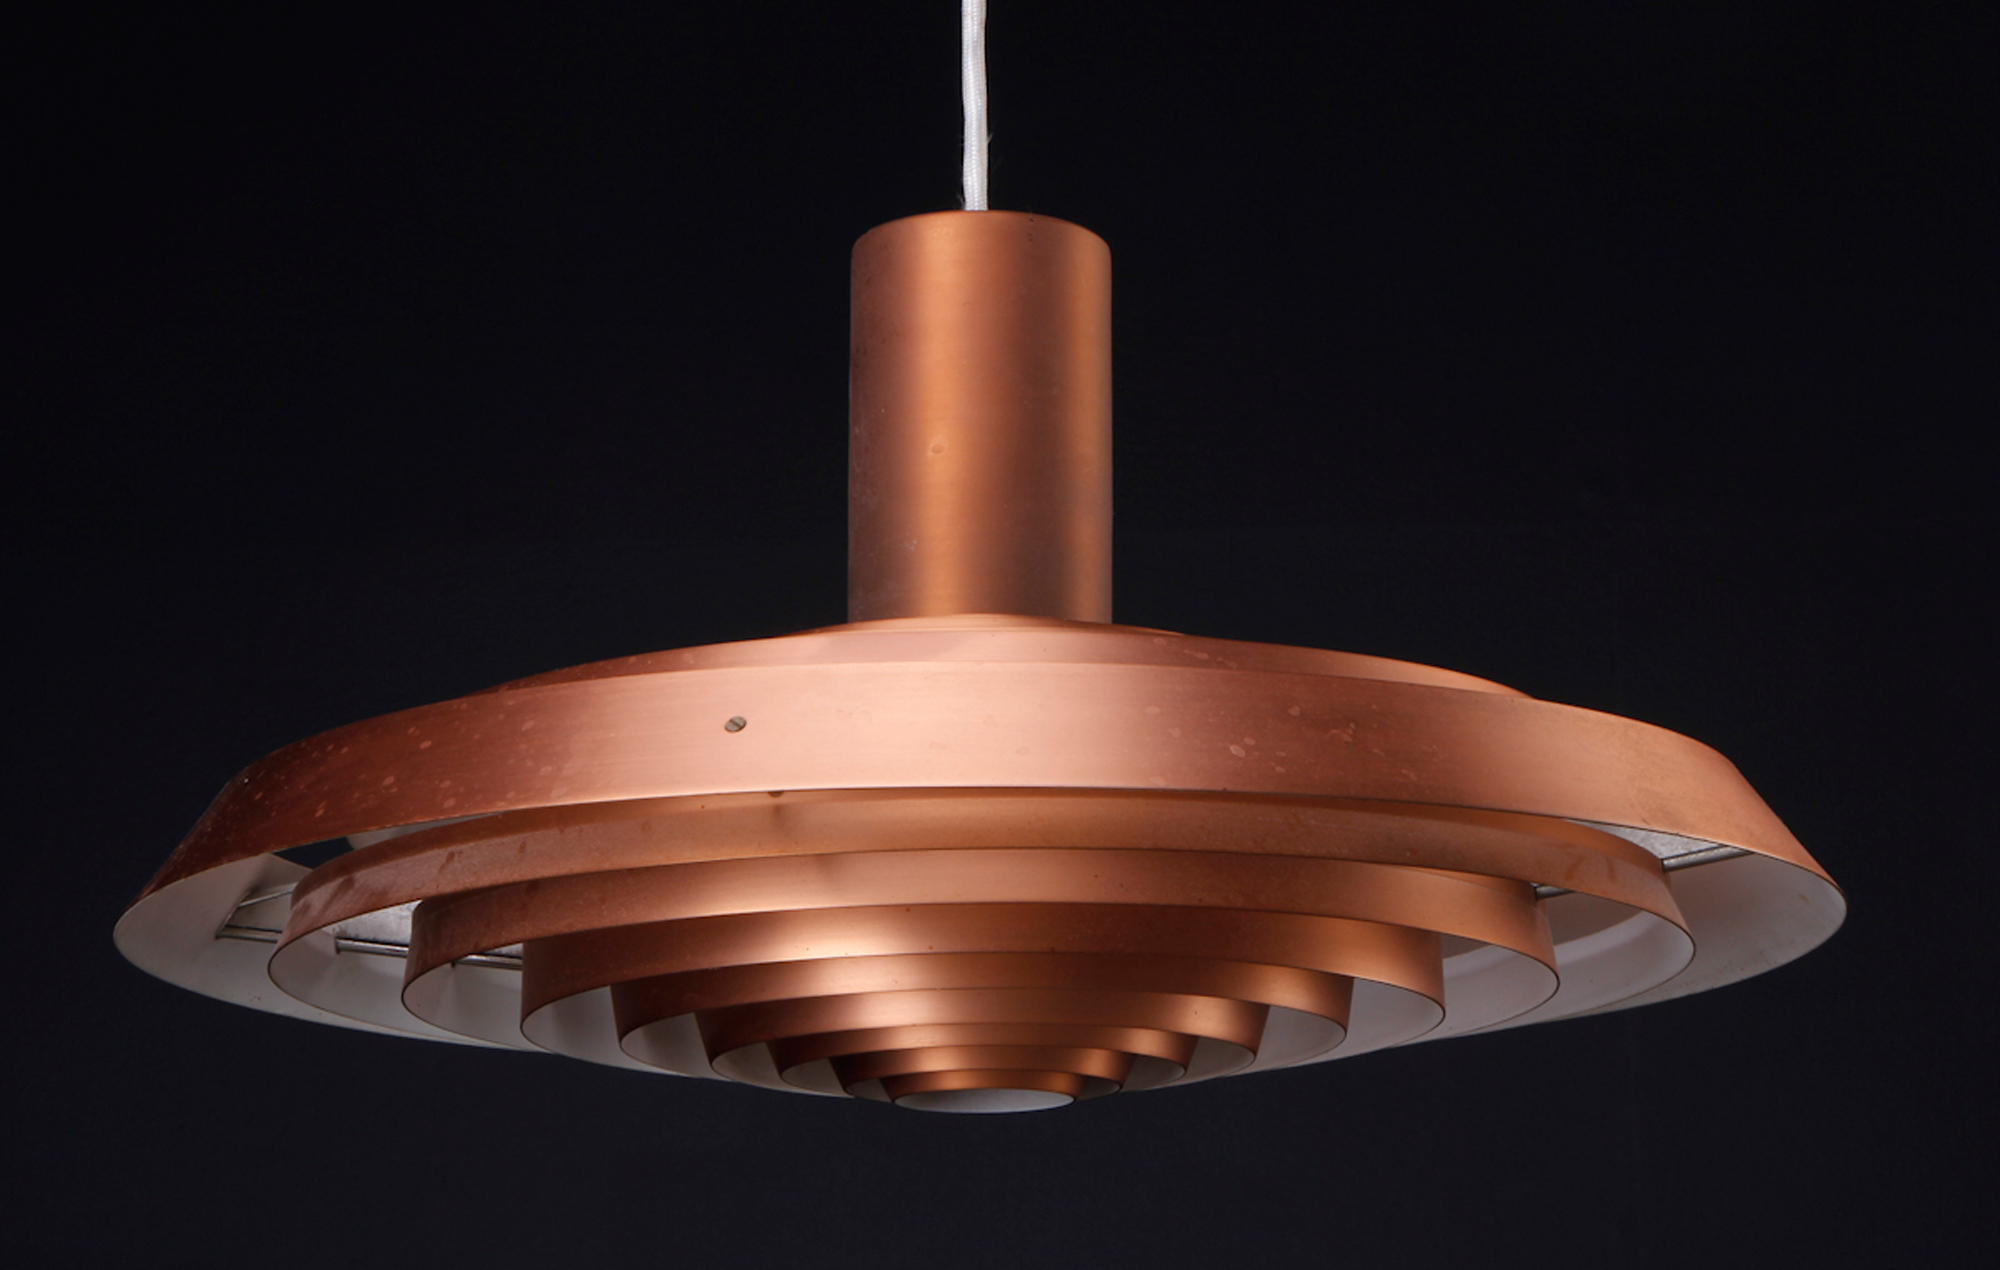 ph lampe lysebla beste design inspirasjon for hjemmerom arrangement. Black Bedroom Furniture Sets. Home Design Ideas